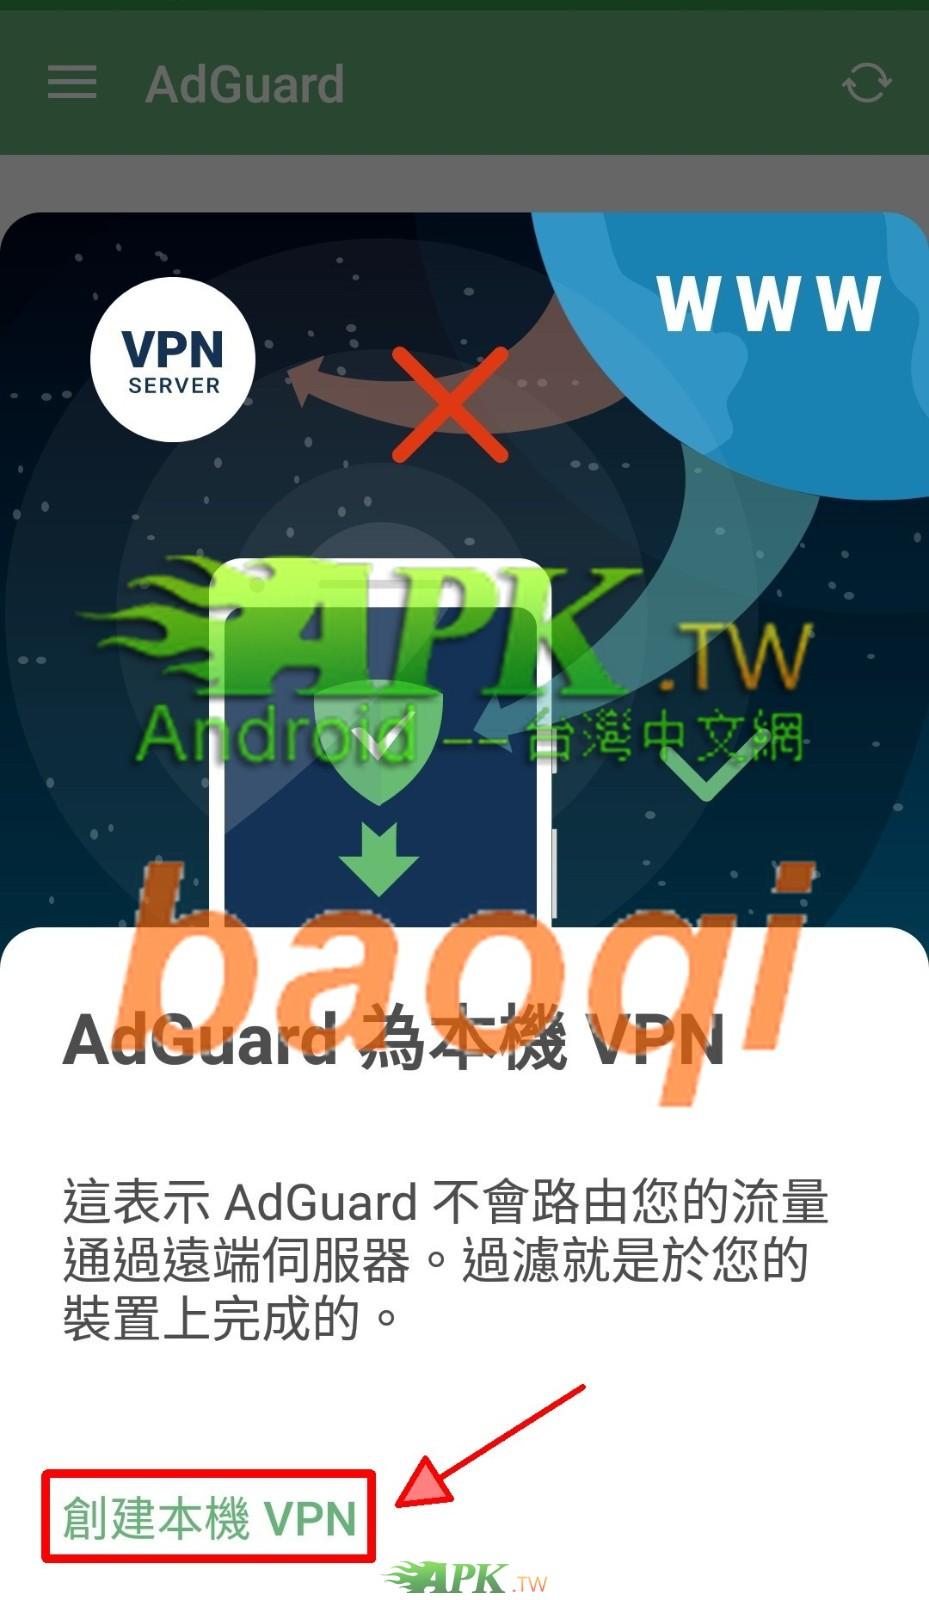 AdGuard_Premium__2_.jpg